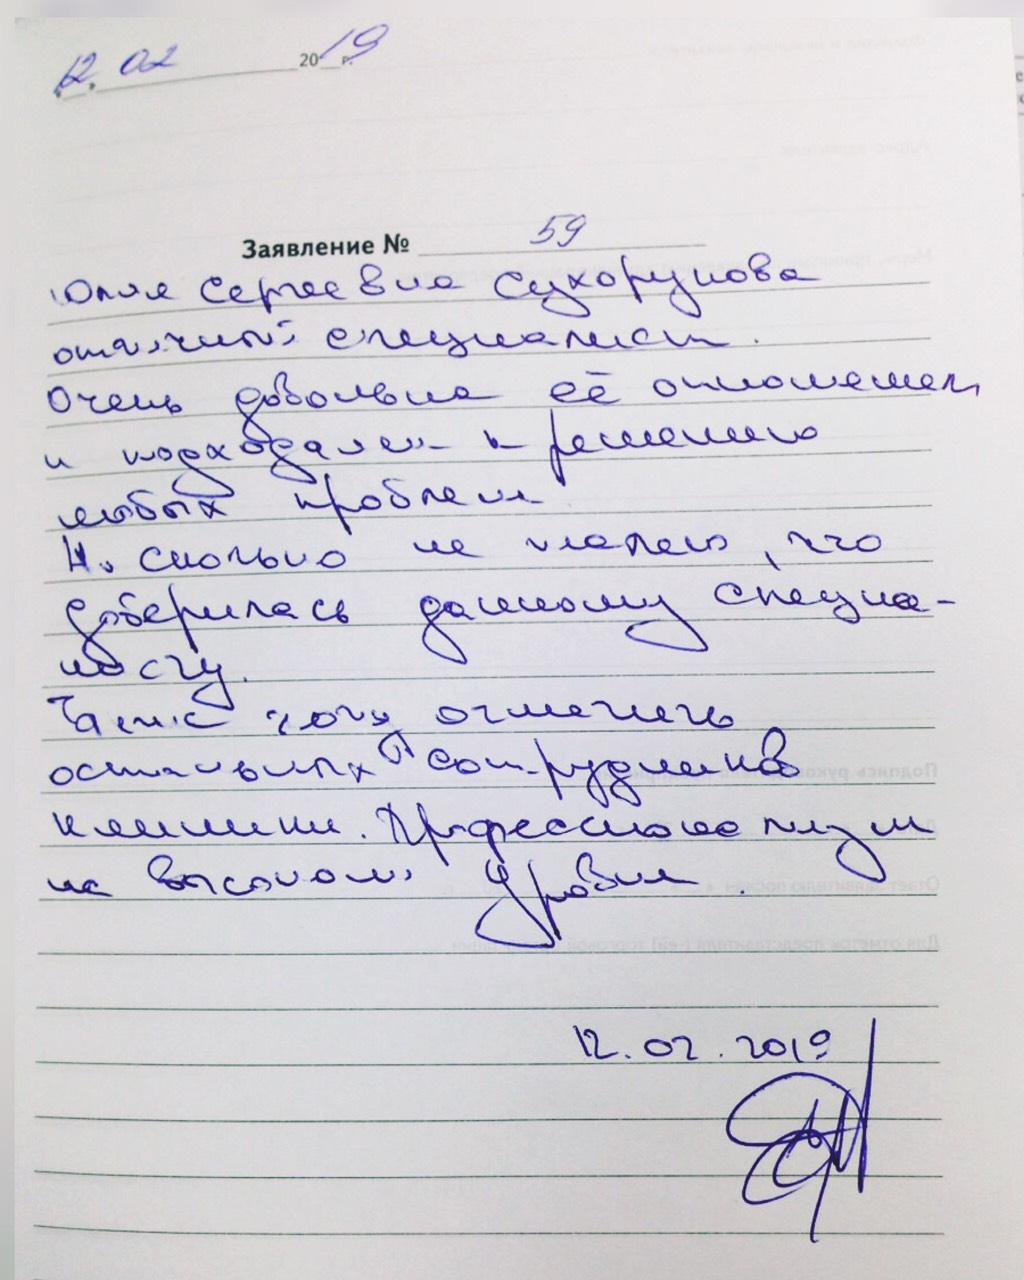 <em>Редактировать Отзыв</em> Екатерина Александрована. Стоматология Фларт